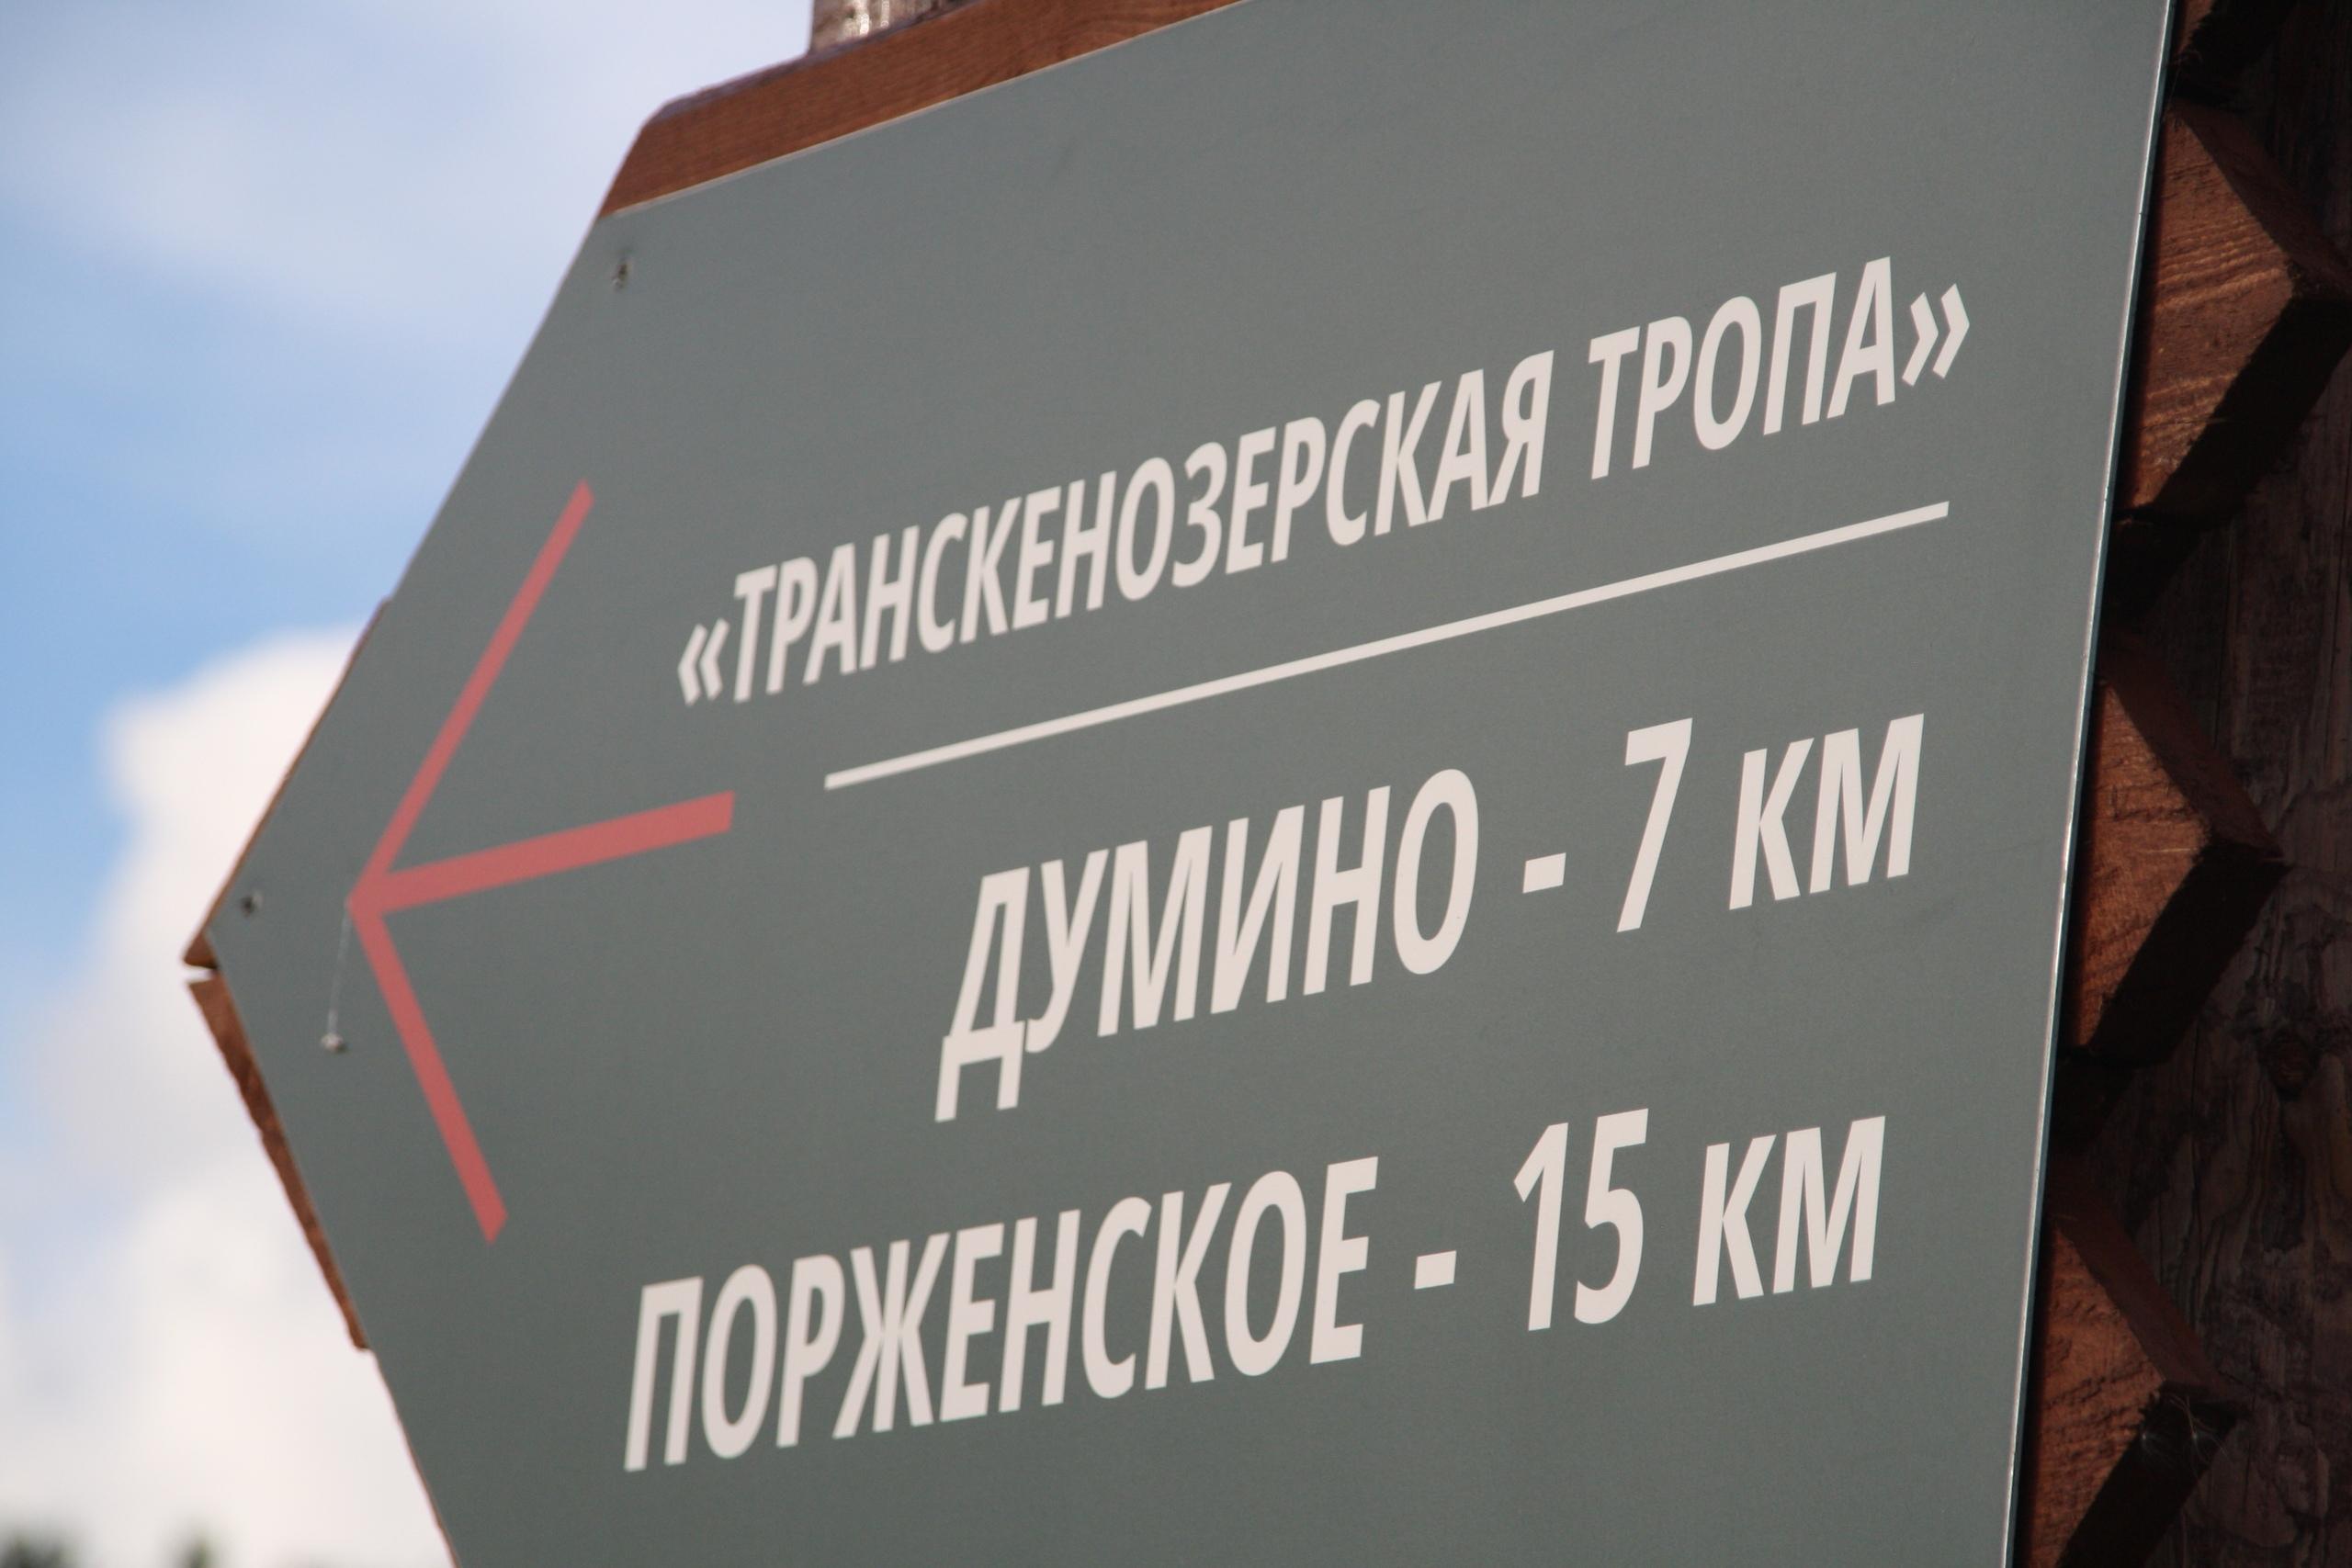 Аудиогид от МТС проведет по Транскенозерской тропе (Архангельская область) 1